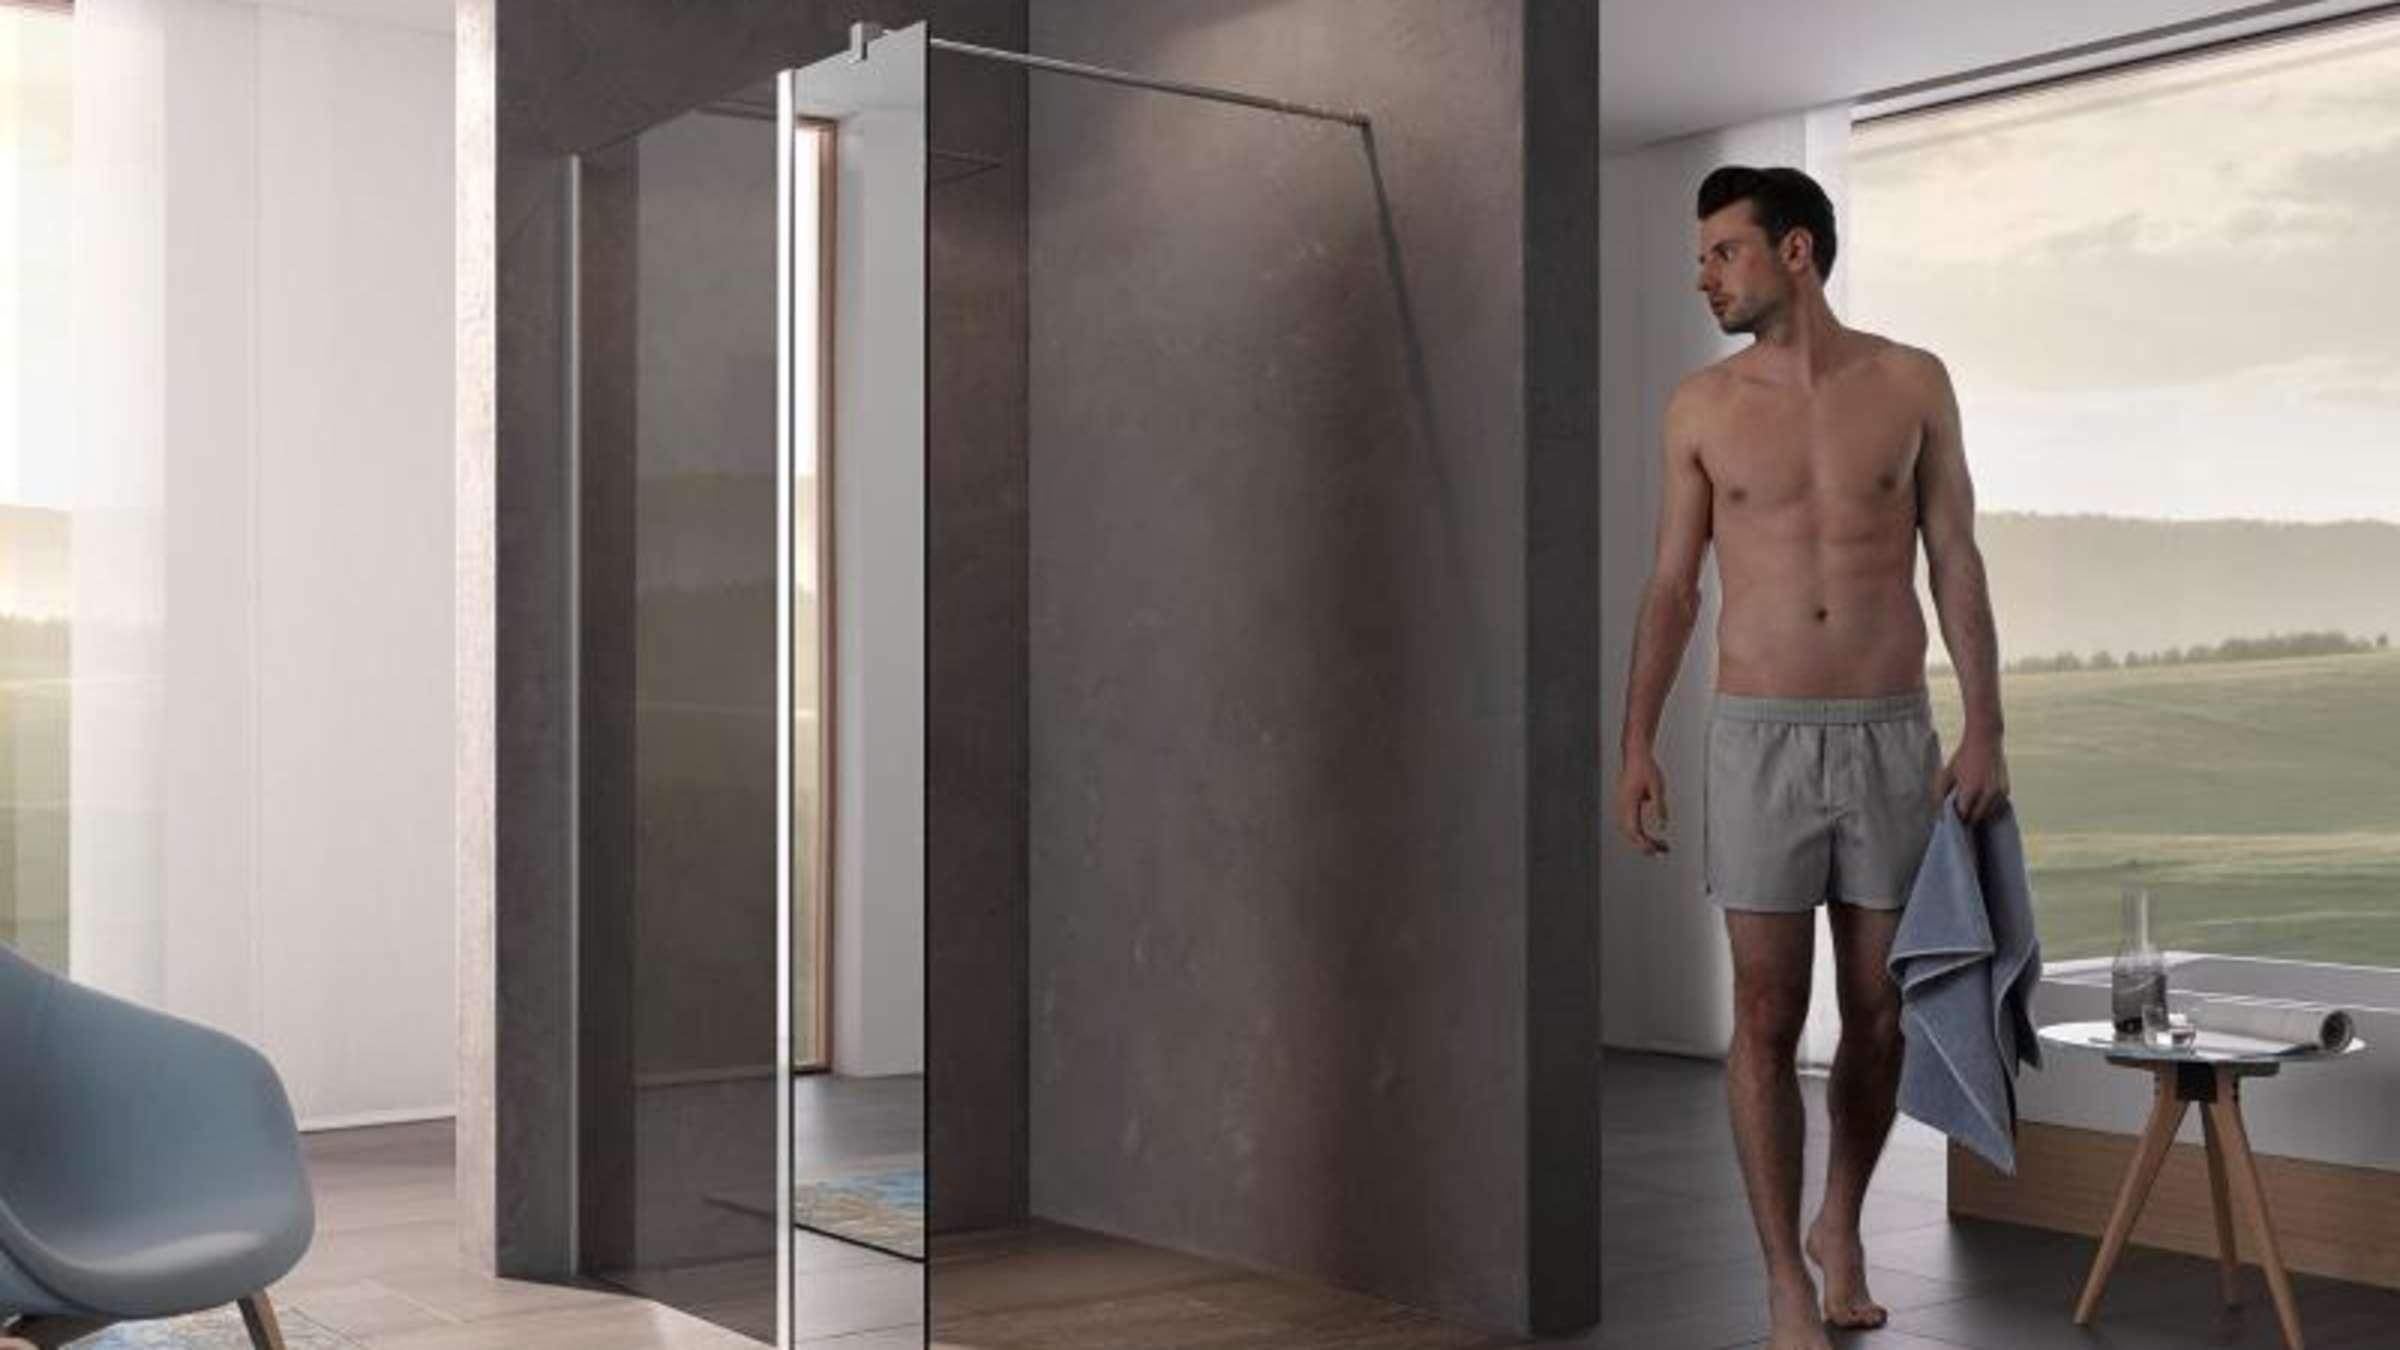 Full Size of Begehbare Duschen Dusche Ohne Tr Verbleibende Wand Muss Lang Genug Sein Wohnen Kaufen Tür Sprinz Hüppe Breuer Fliesen Schulte Werksverkauf Bodengleiche Dusche Begehbare Duschen